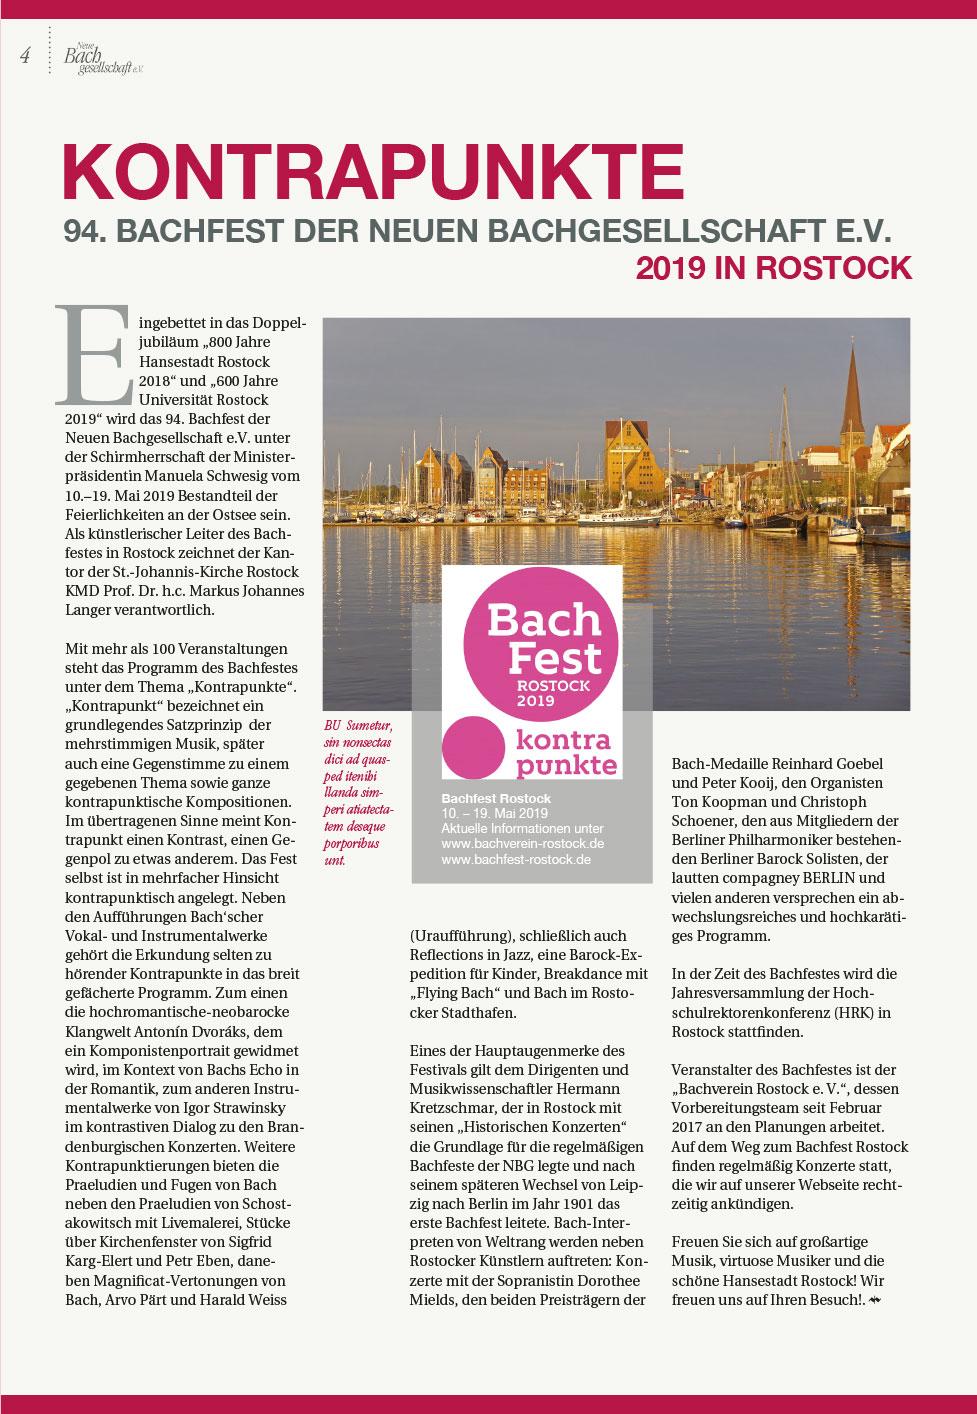 S04_NBG_Mitteilungsblatt_82_bachmagazin_31_20180315_deutsch.jpg